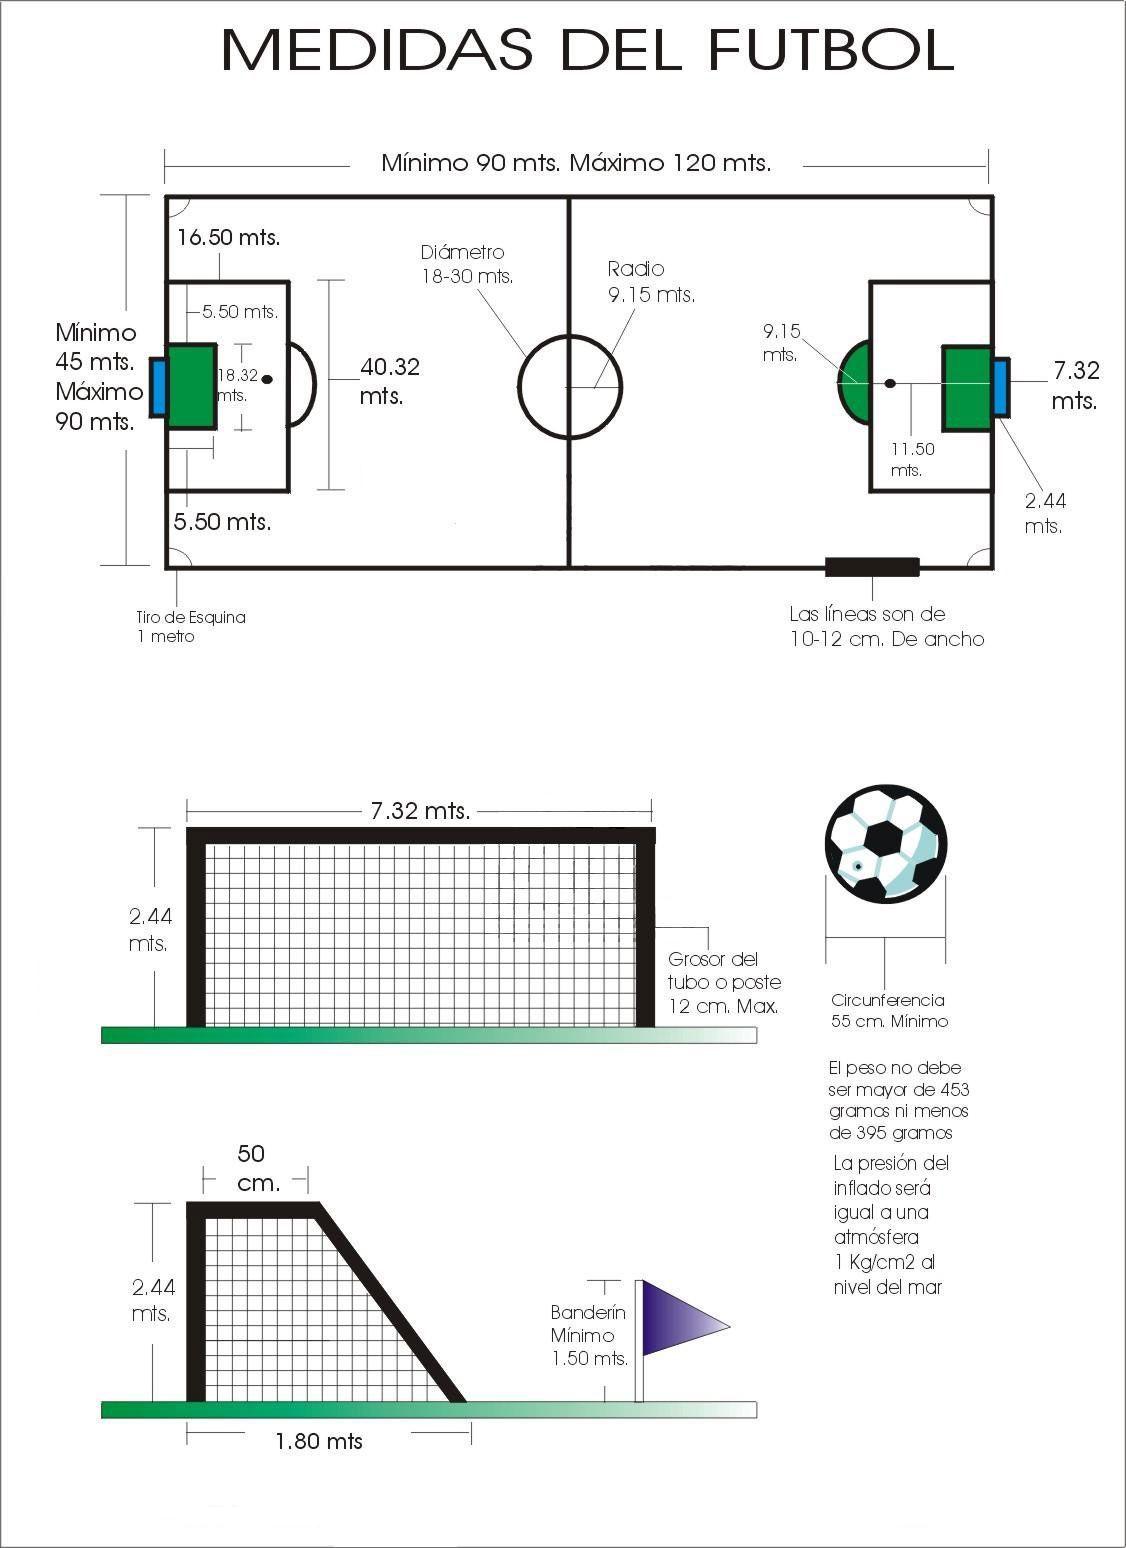 Medidas De Un Campo De Fútbol Medidas Cancha De Futbol Cancha De Futbol Canchas Futbol 5